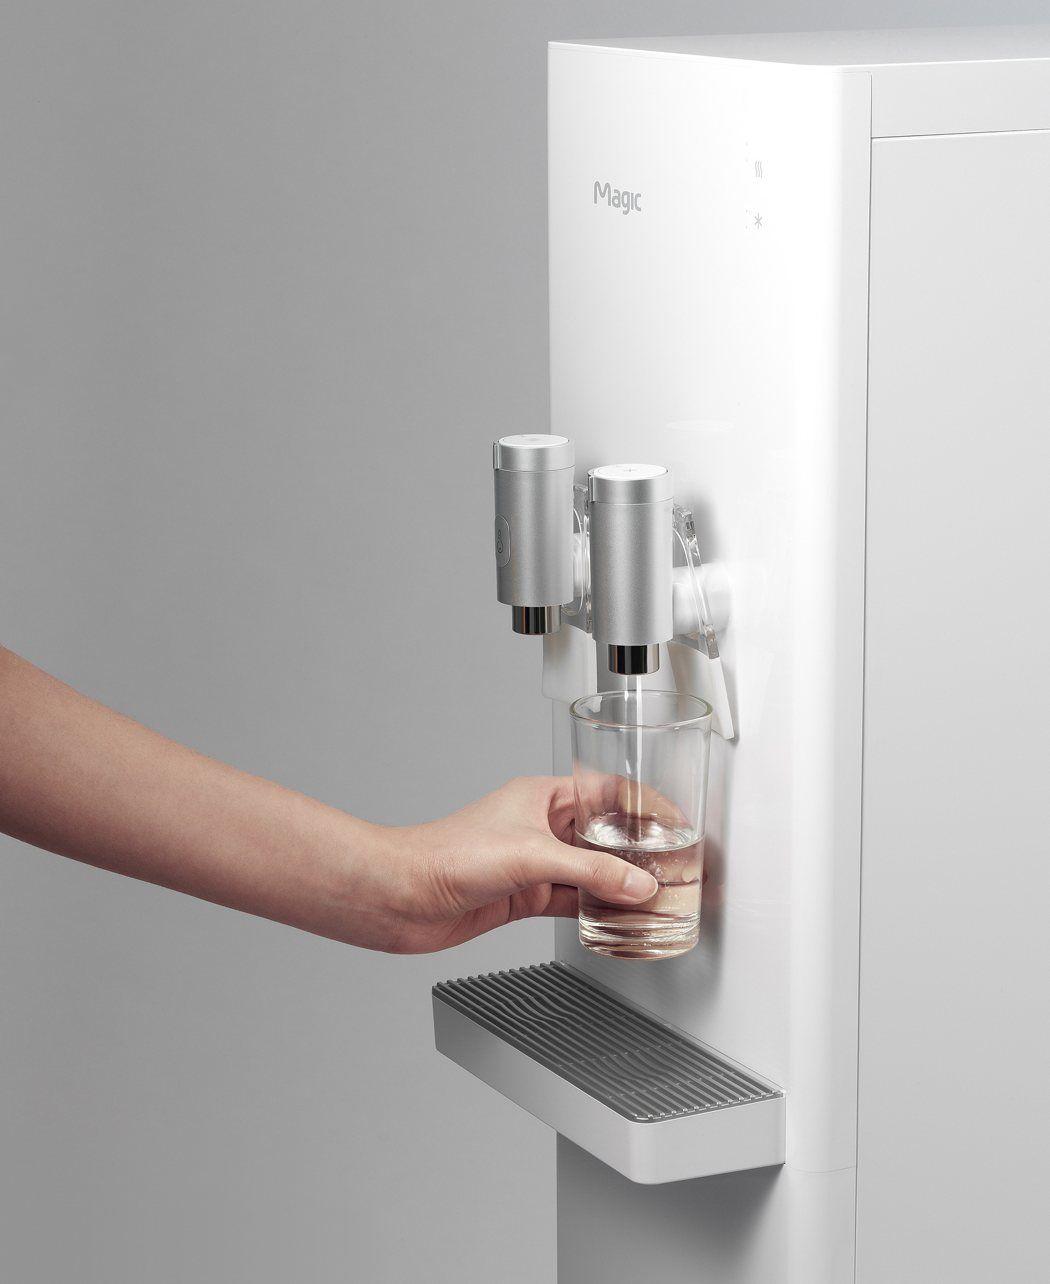 Pure And Simple Yanko Design Dispenser Design Water Purifier Design Water Dispenser Design